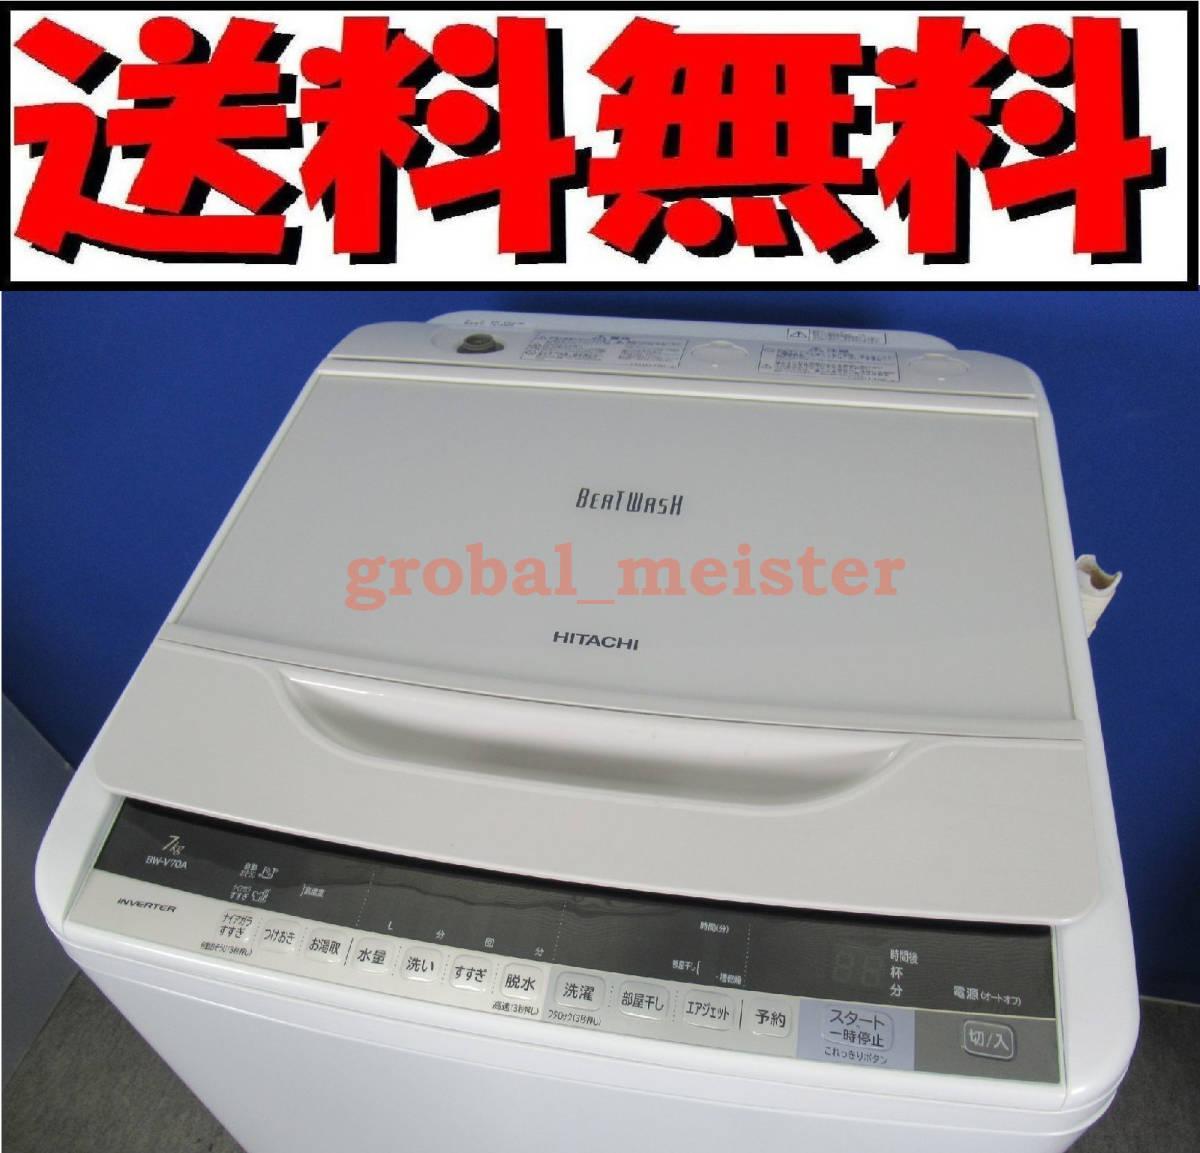 送料無料!美品 日立 7.0kg全自動洗濯機 ビートウォッシュ BW-V70A 2017年製 つけおきナイアガラビート洗浄 エアジェット 槽自動おそうじ_本州のみ送料無料!!